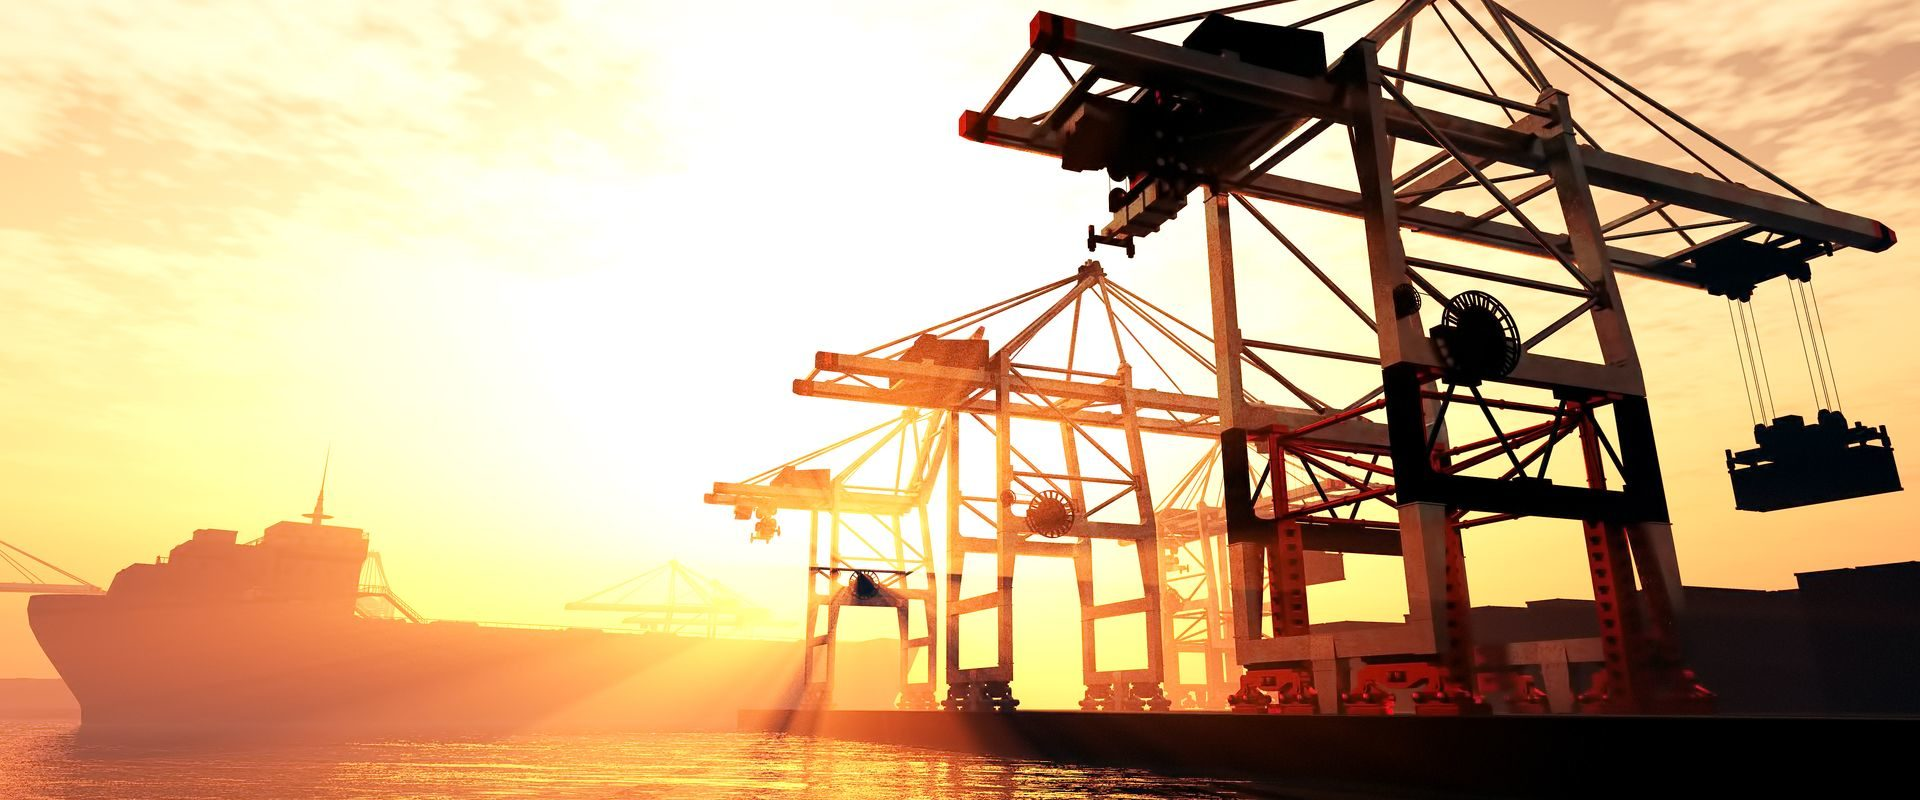 Promowanie inicjatyw legislacyjnych i gospodarczych w kraju i w UE zapewniających utrzymanie miejsc pracy dla Polskich marynarzy